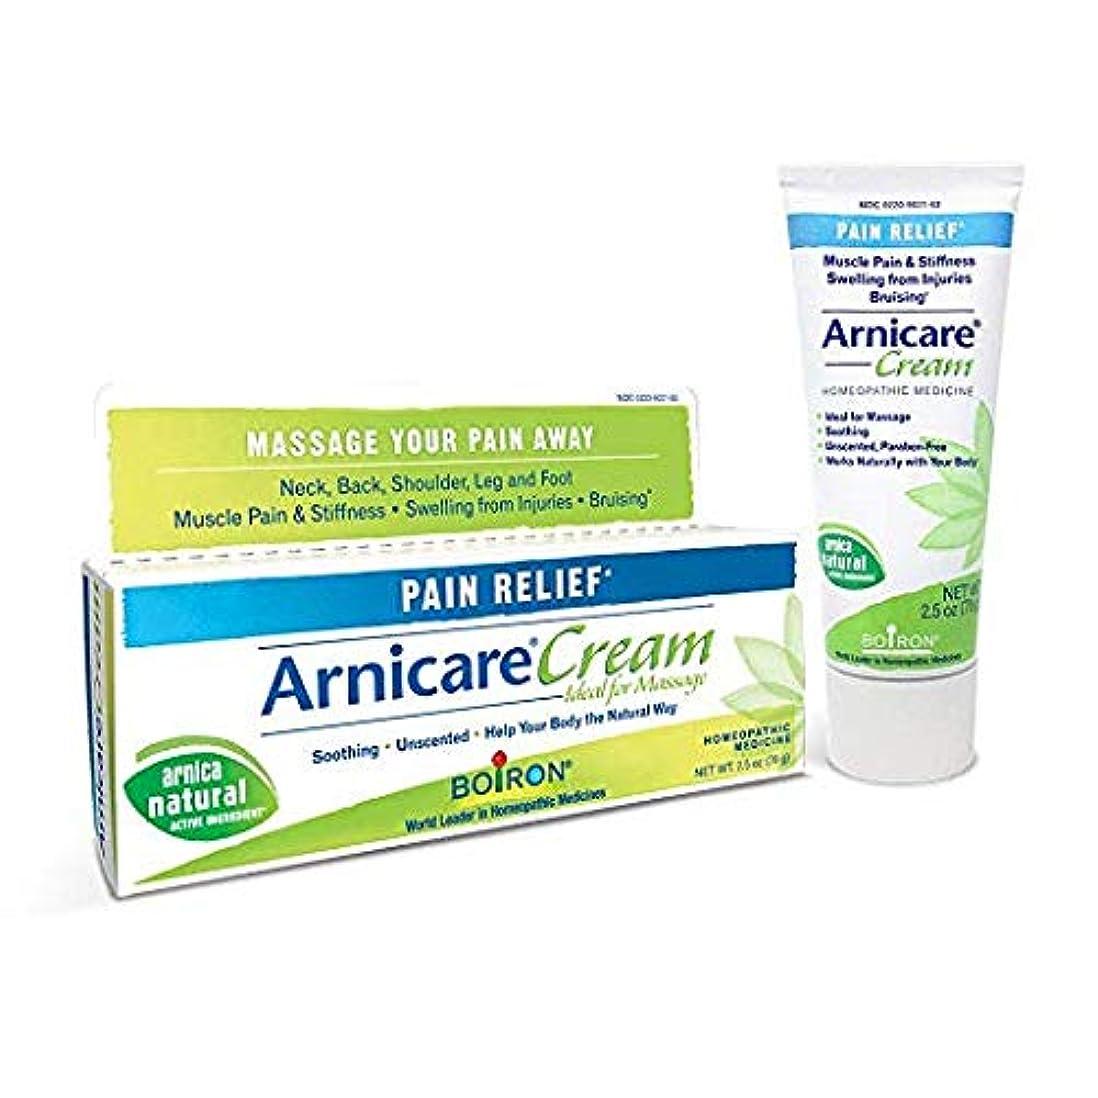 フットボール石化する省ボイロン アルニカクリーム Boiron Arnicare Cream 2.5 Ounces Topical Pain Relief Cream [並行輸入品]